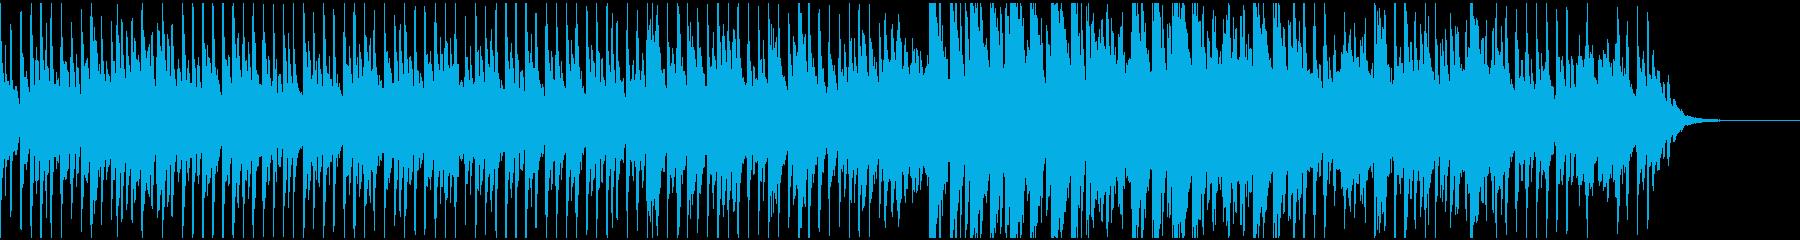 感動的なピアノ、ストリングス(テクノ)の再生済みの波形